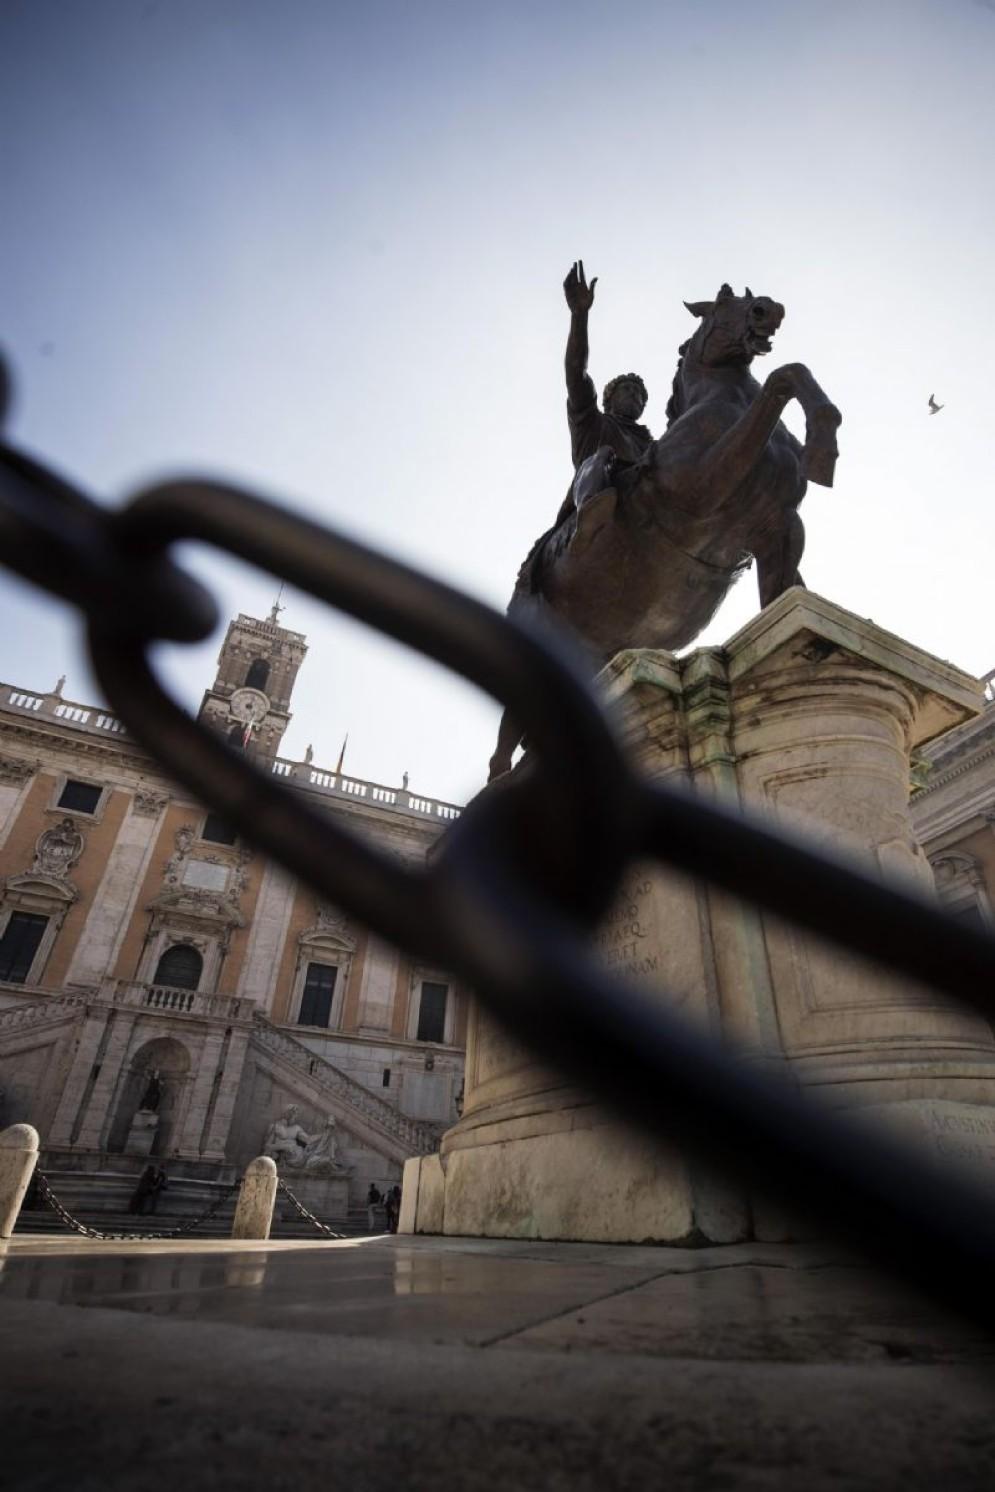 La statua del Marco Aurelio in piazza del Campidoglio, Roma, 18 ottobre 2017. ANSA/ANGELO CARCONI